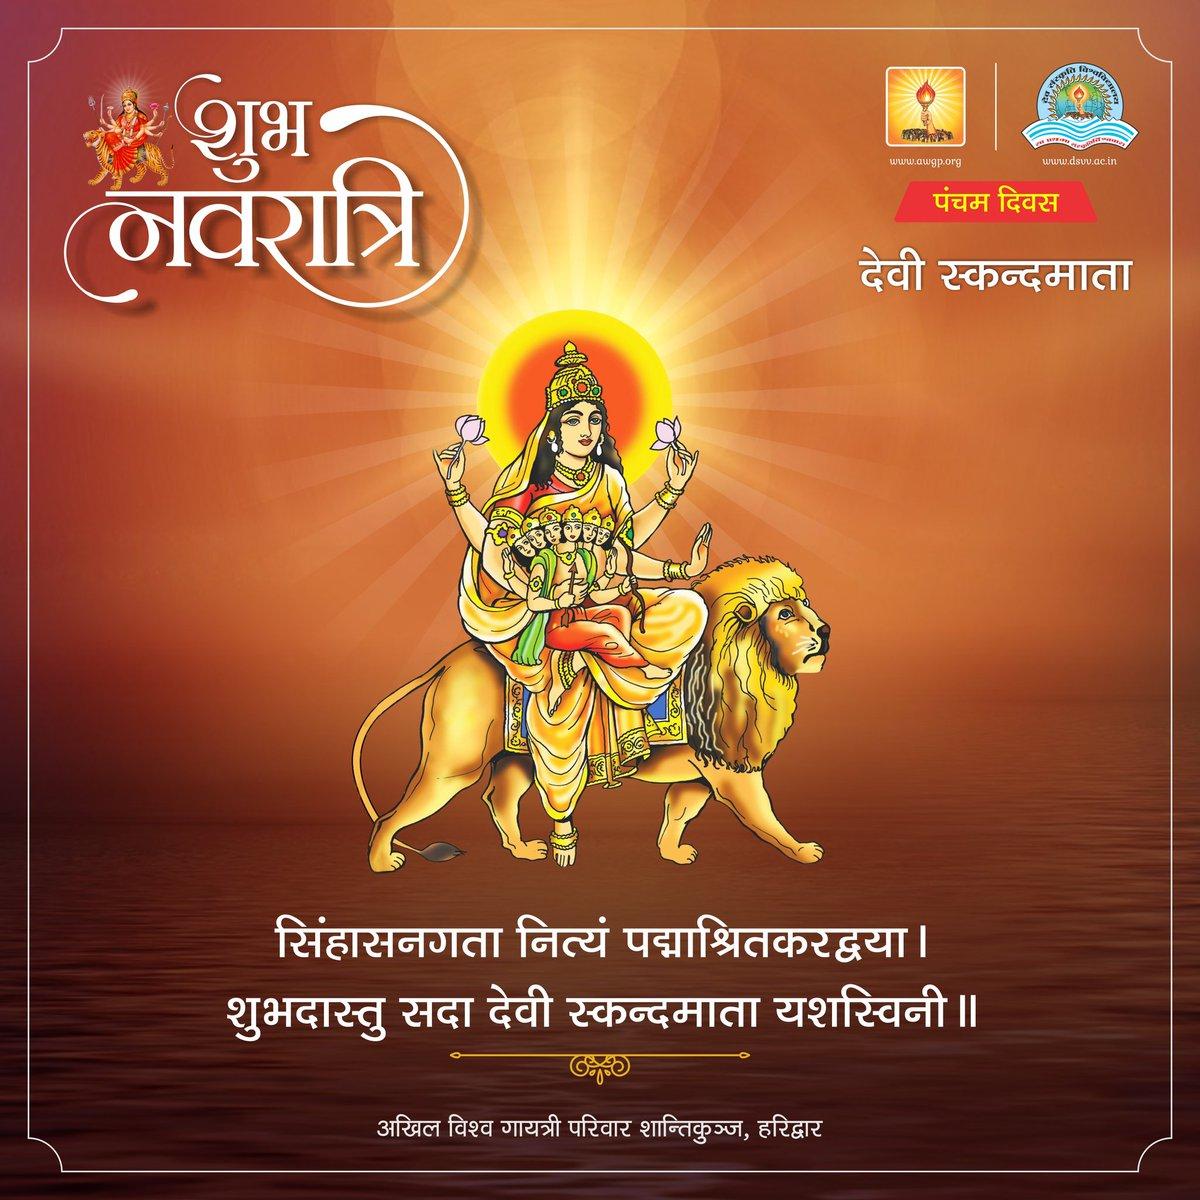 नवरात्रि पंचम दिवस - देवी स्कन्द माता। सर्व मंगल मांगल्ये शिवे सर्वार्थ साधिके शरण्येत्र्यंबके गौरी नारायणी नमोस्तुते। #navratri #navratriday5 #shantikunj #Haridwar #Positive #Quotes #WeAreGayatriPariwar #AWGPdisciple @AWGPharidwar https://t.co/9hv2otJ1o9